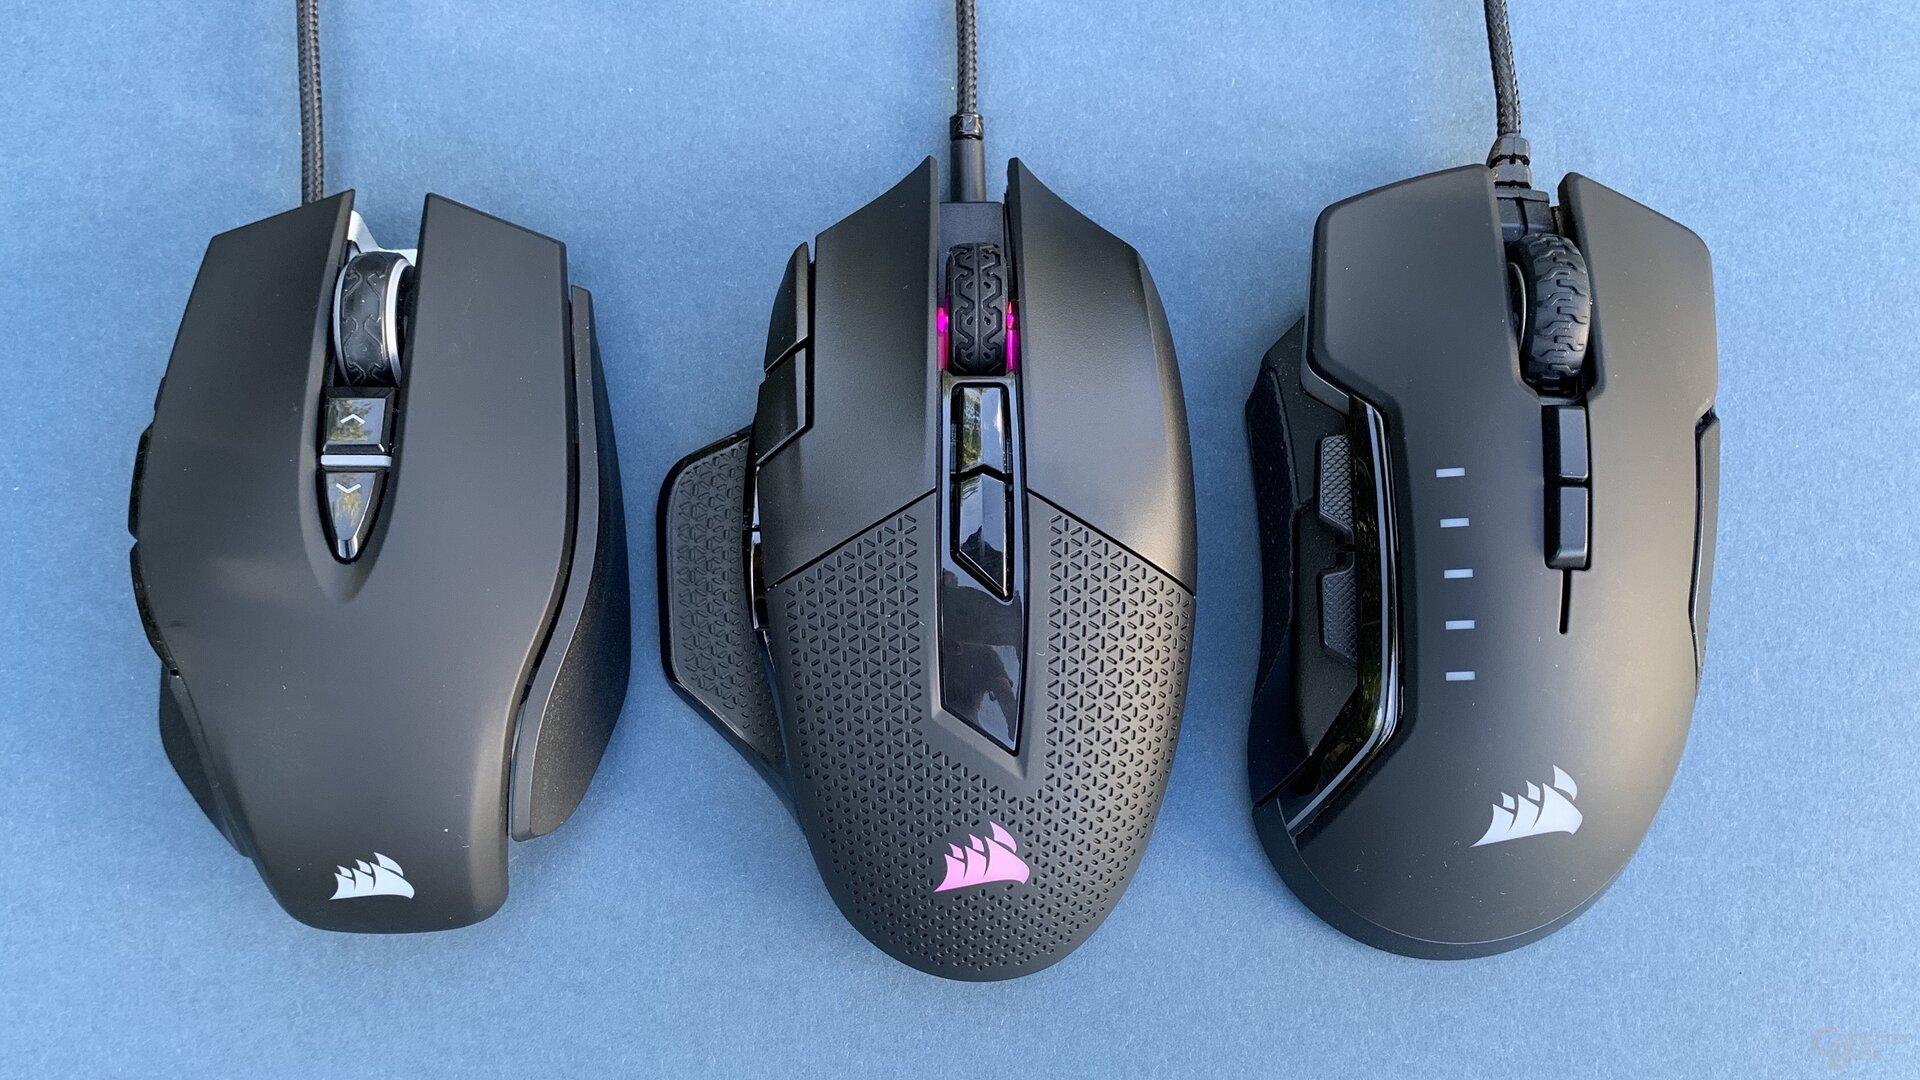 Corsair M65 RGB Elite, Nightsword RGB und Glaive RGB Pro